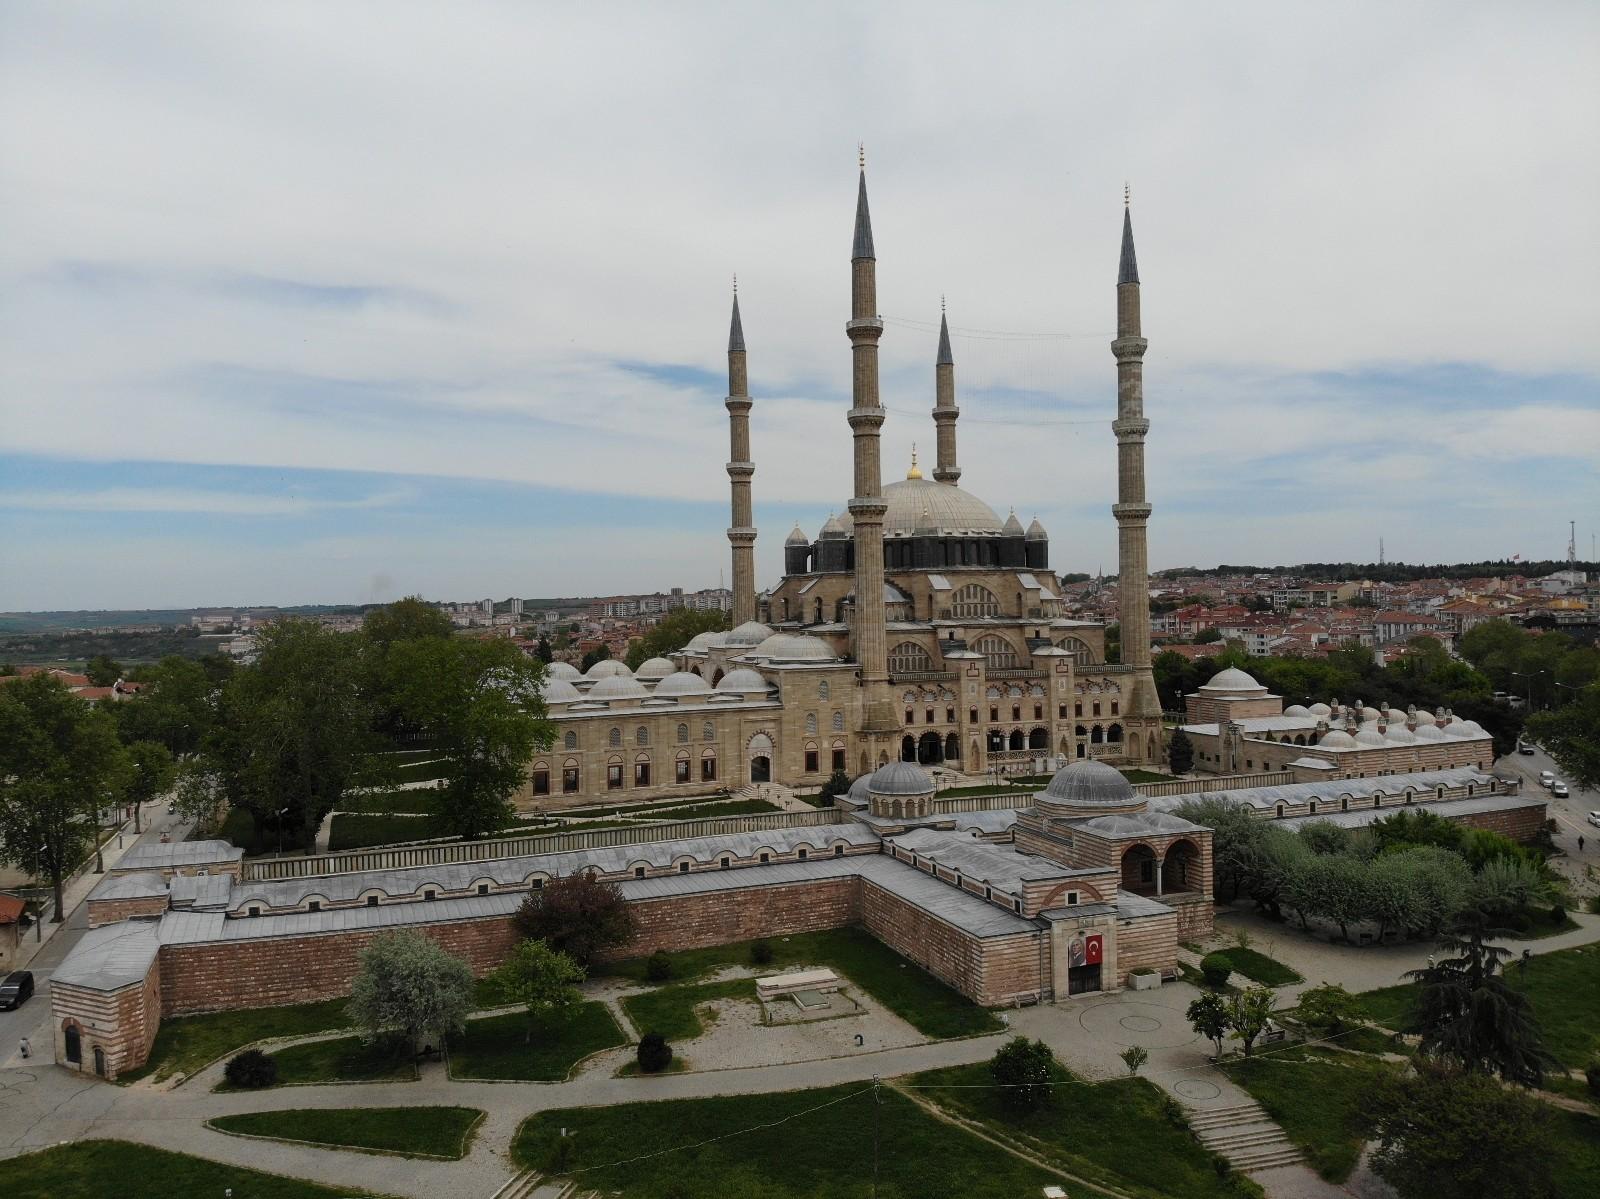 Türk-İslam mimarisinin gözbebeğinde Ramazan-ı Şerif'in son cuma namazı kılındı